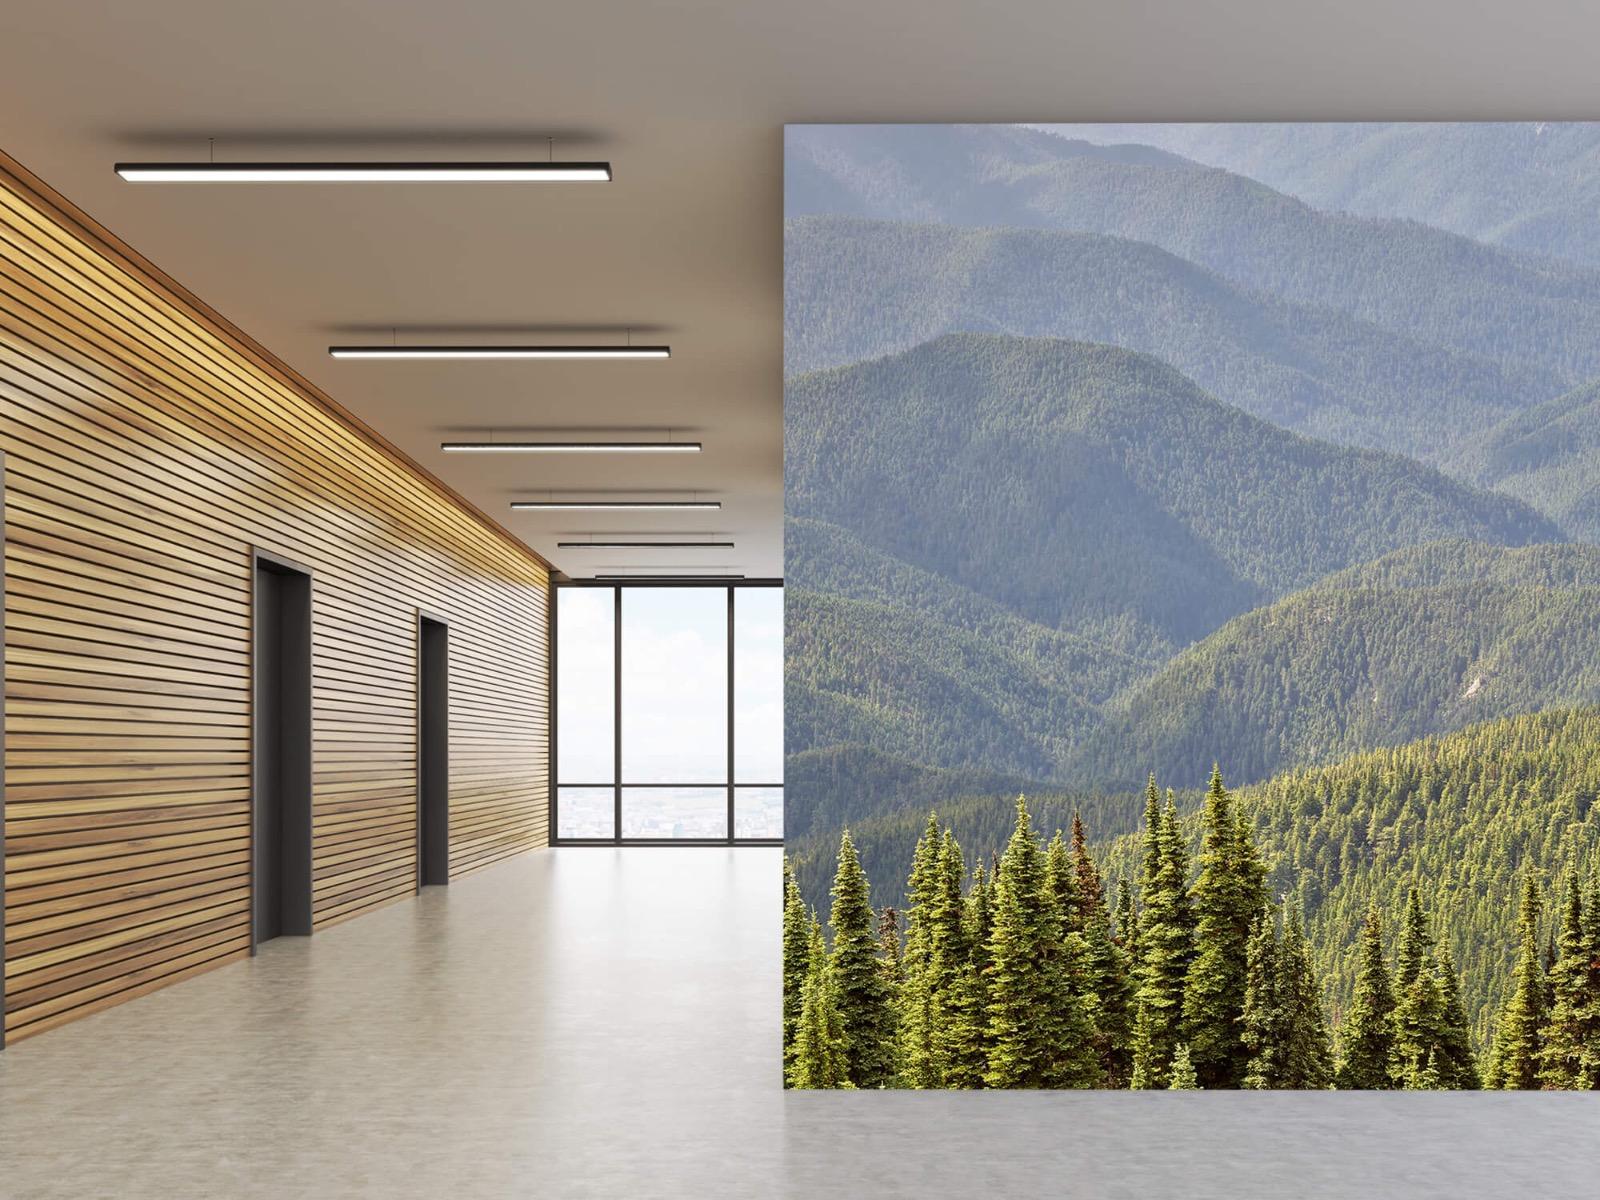 Landschap - Bergen met bomen - Wallexclusive - Woonkamer 5